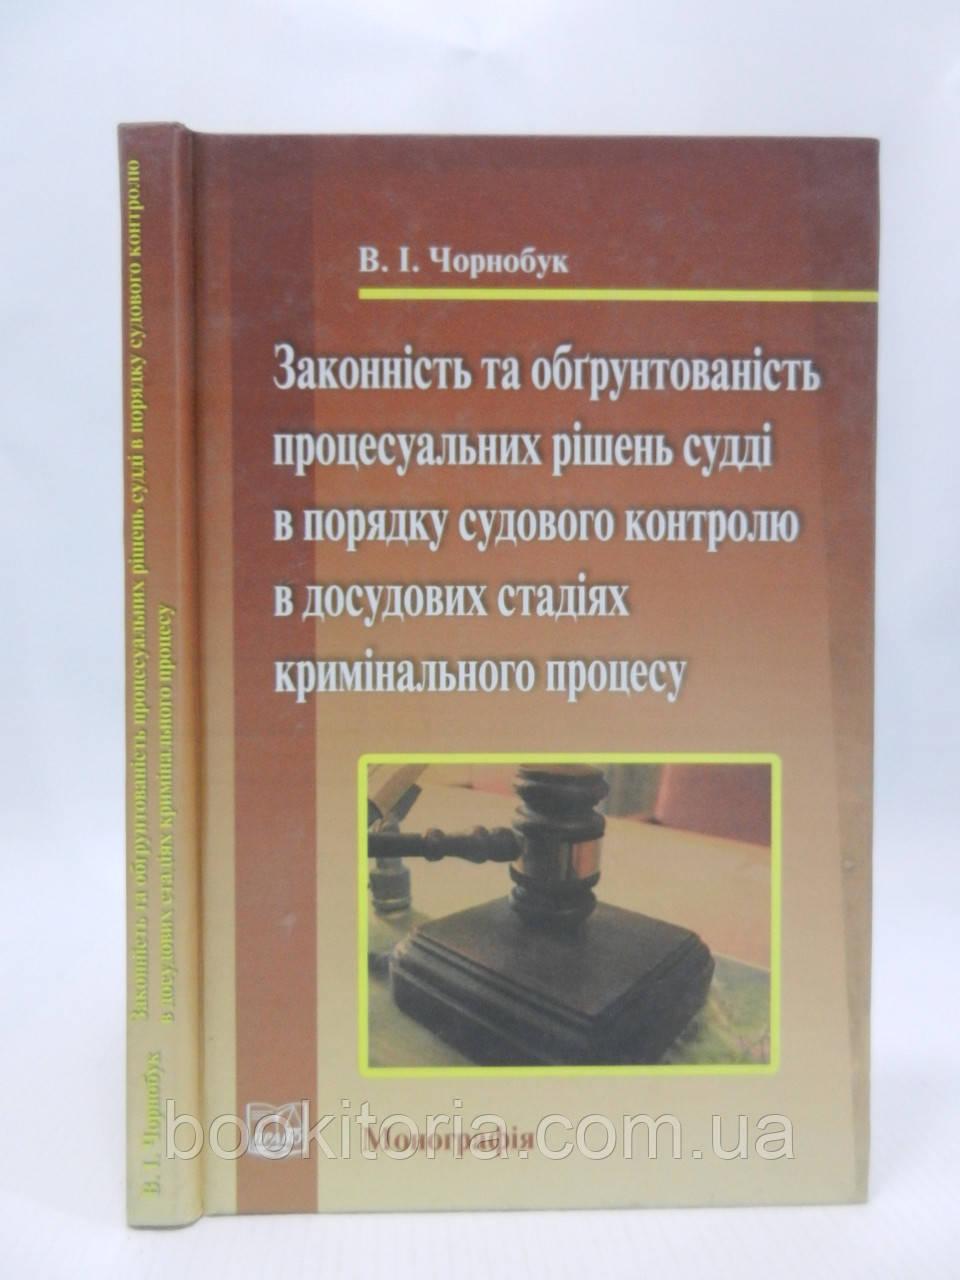 Чорнобук В.І. Законність та обґрунтованість процесуальних рішень судді (б/у).